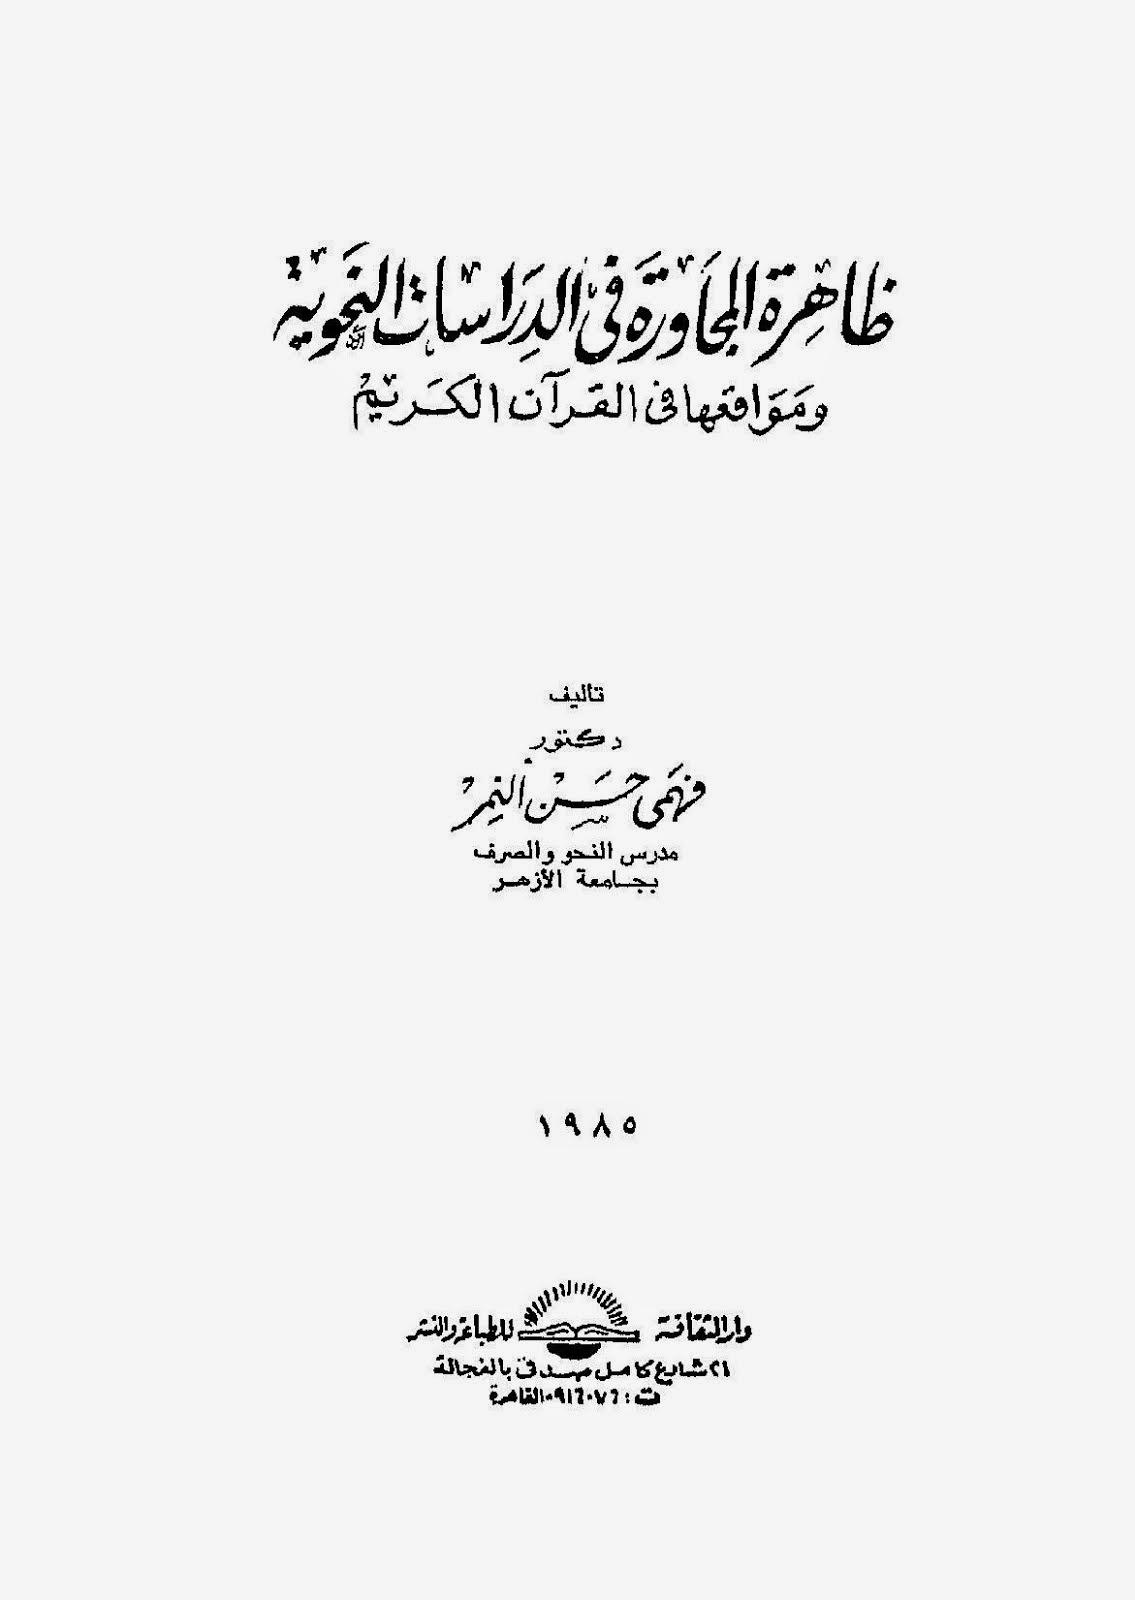 ظاهرة المجاورة في الدراسات النحوية ومواقعها في القرآن الكريم لـ فهمي حسن النمر